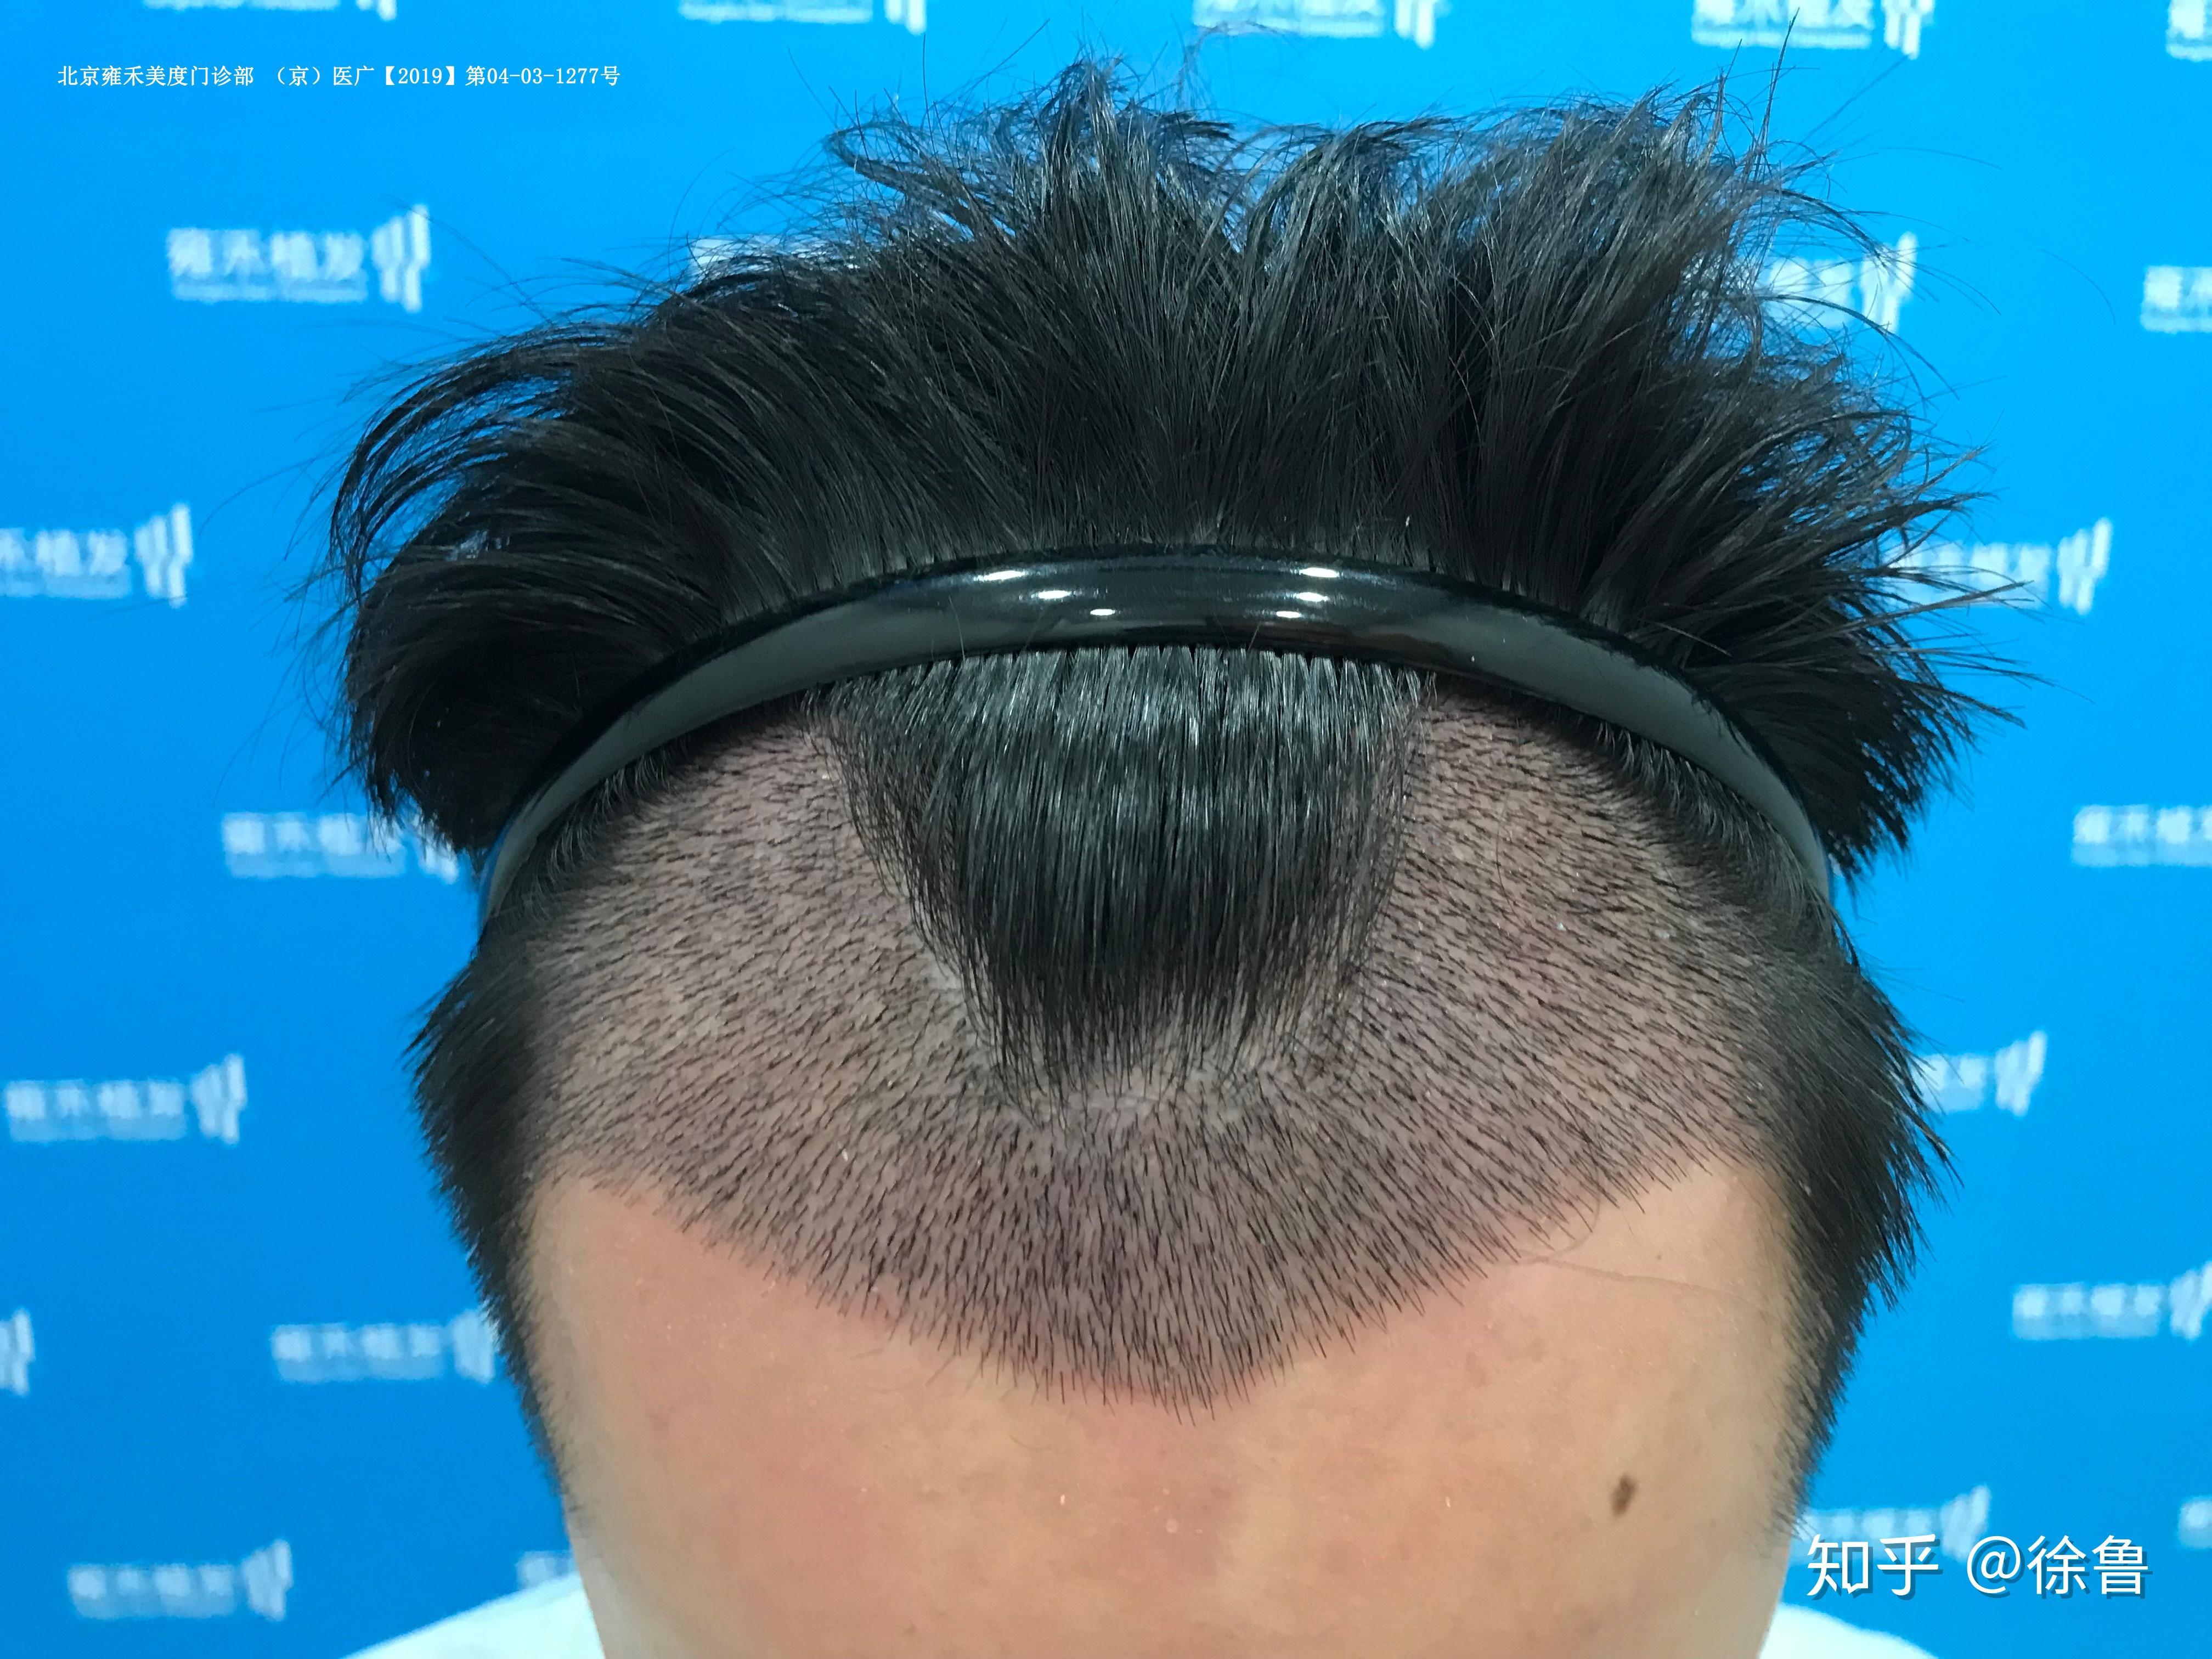 如何生发_科普:脱发严重怎么办?发际线后移如何治疗?植发效果怎么样 ...